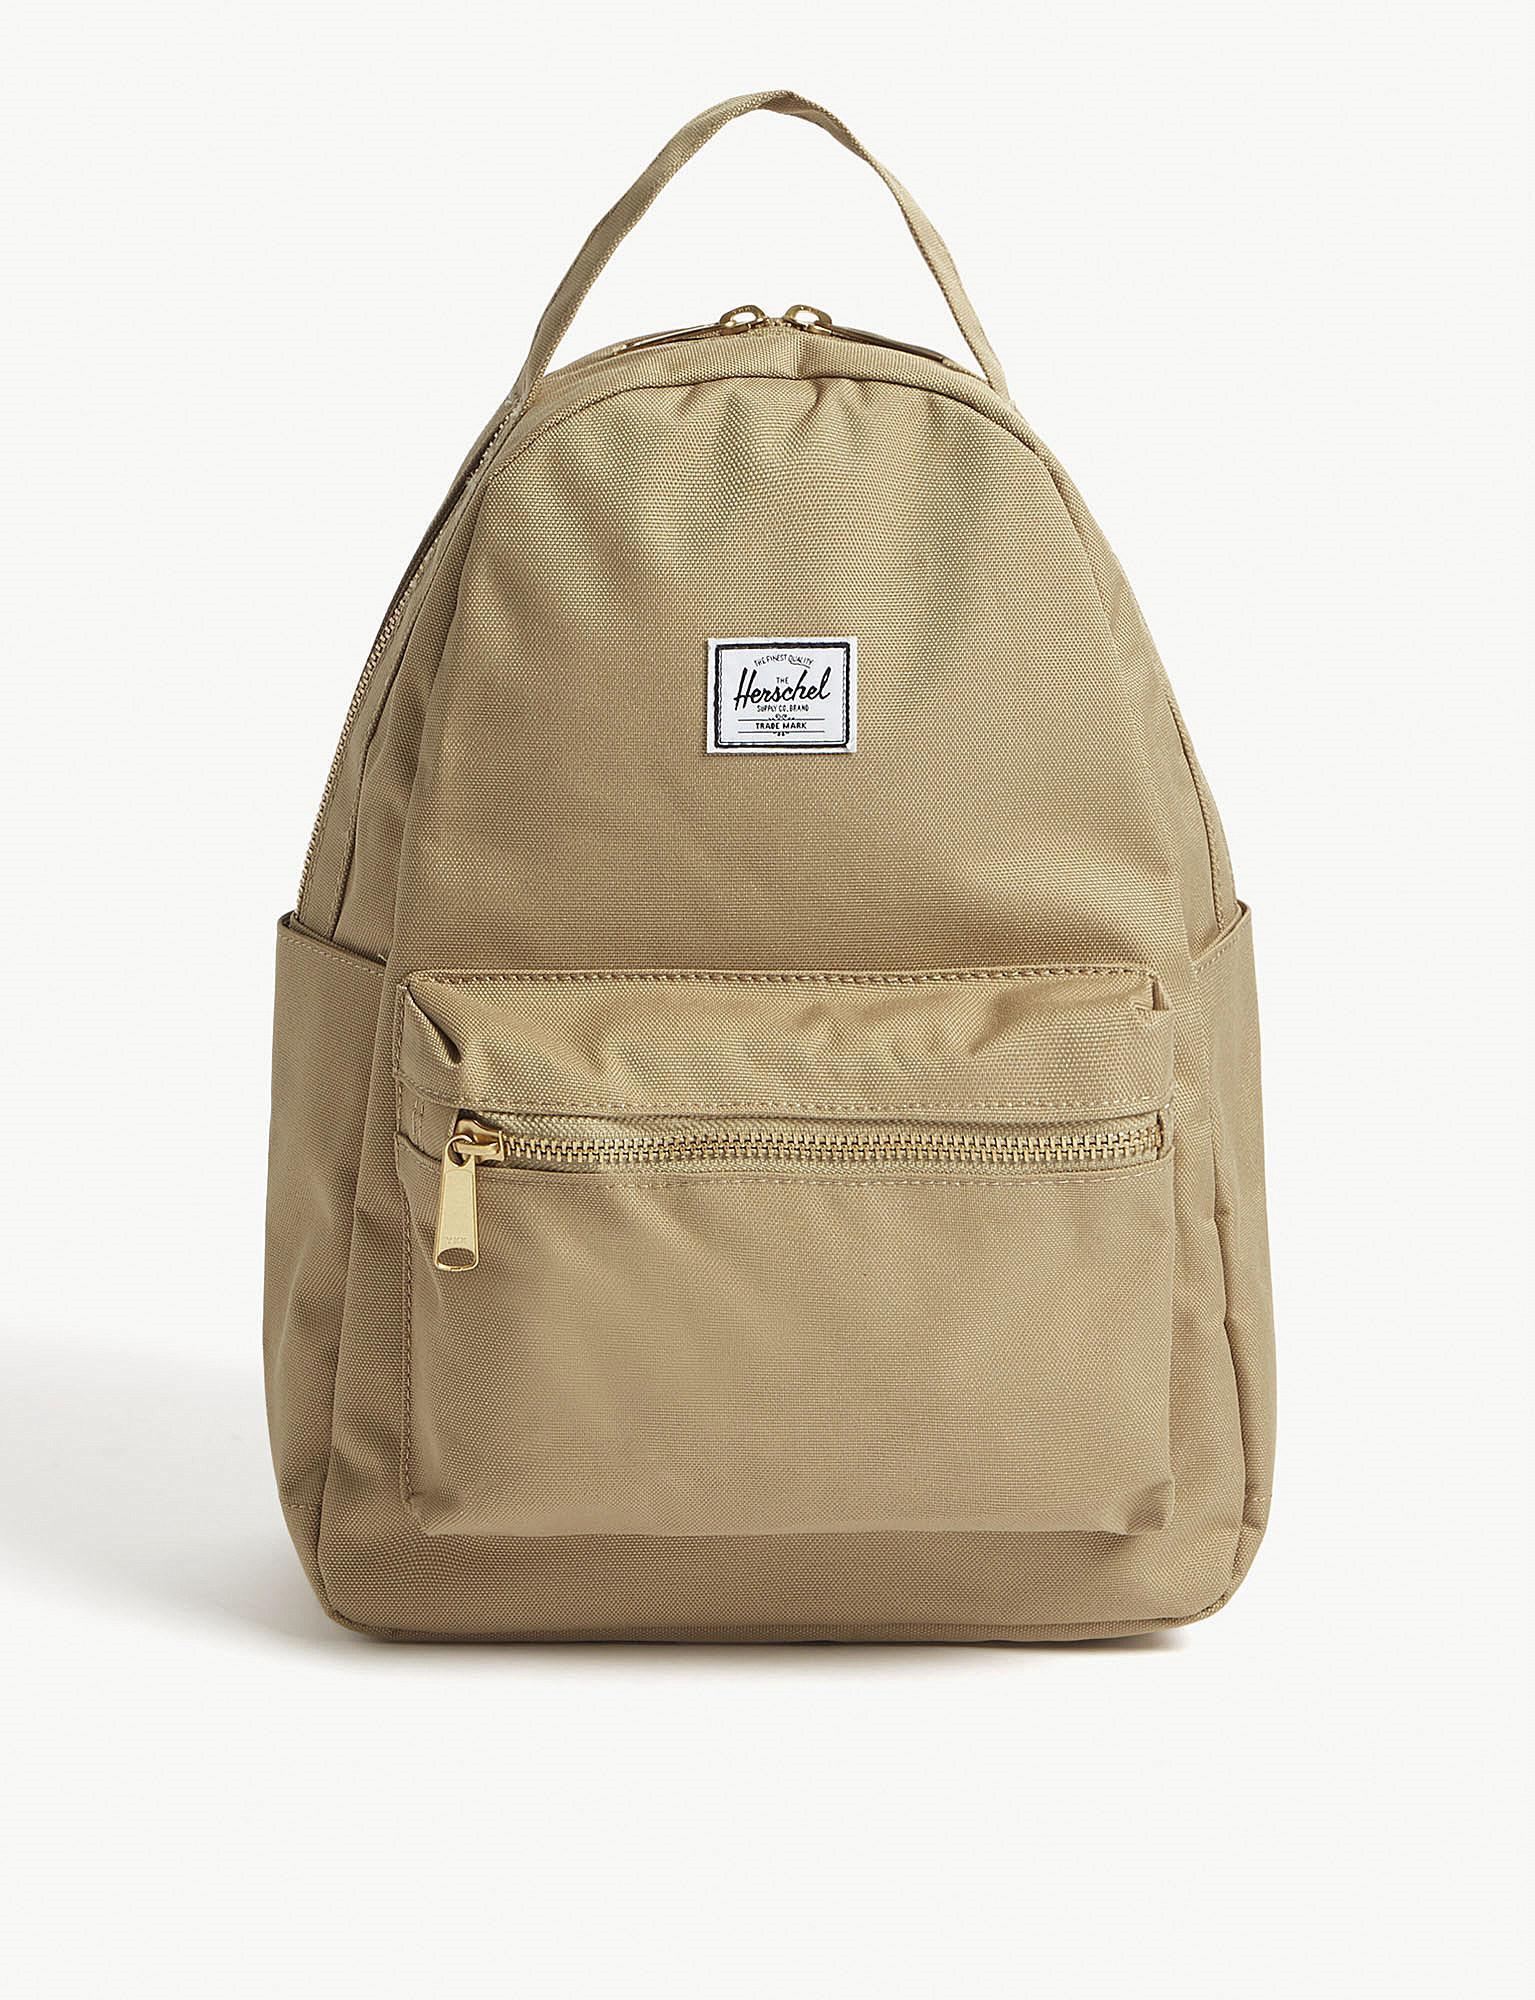 f4a19a69d5f Herschel Supply Co. Nova Xs Backpack for Men - Lyst